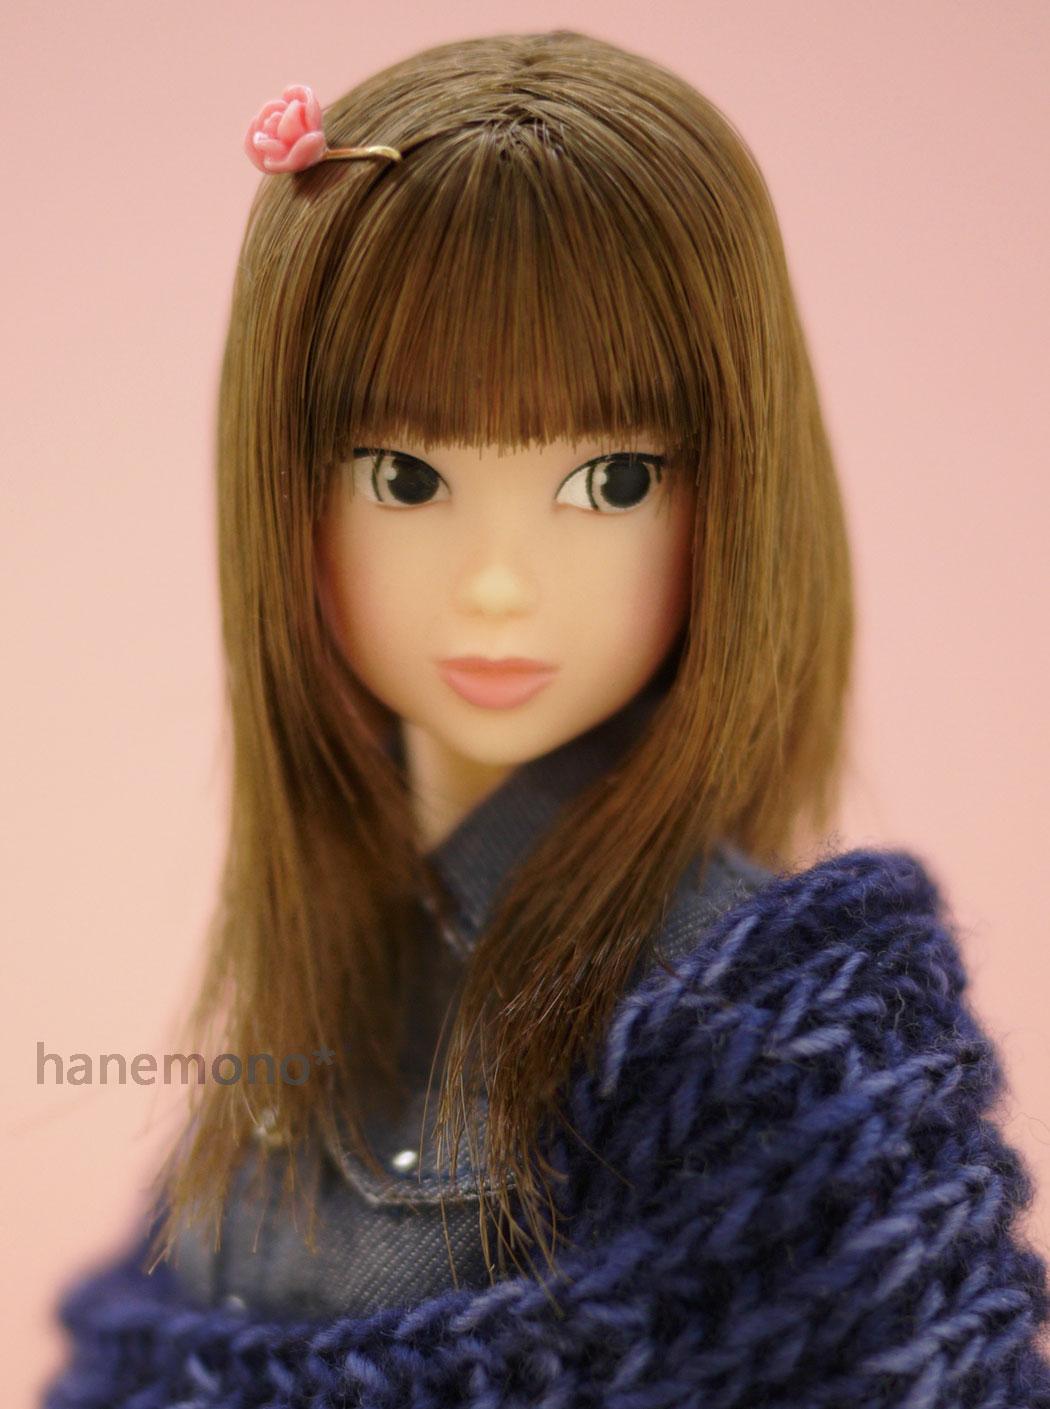 http://momoko.so-i.net/img/171015b08ad1.jpg